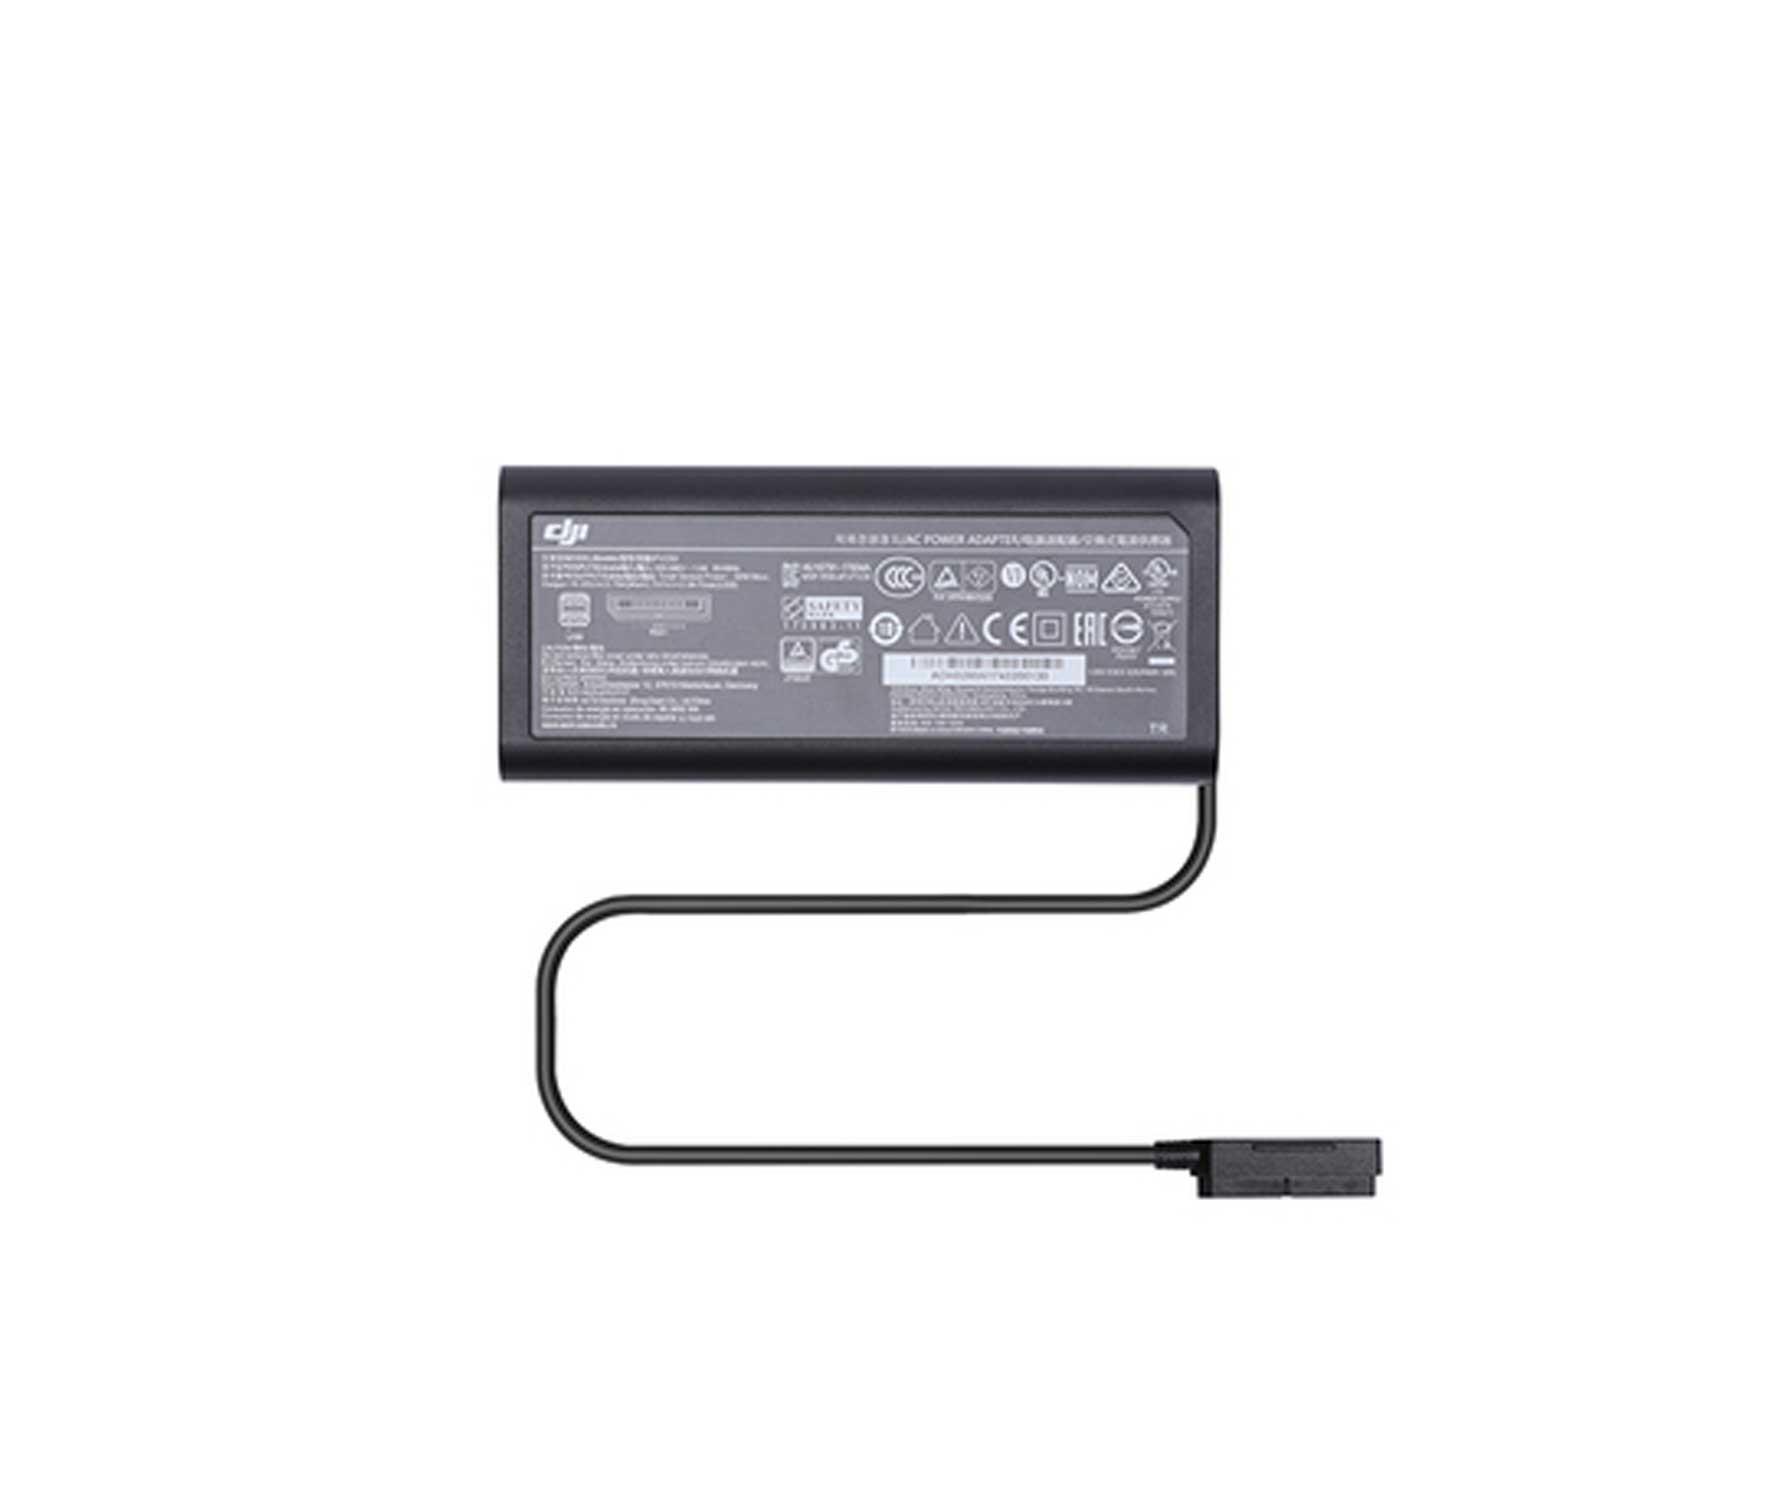 Mavic air combo 1 battery charger купить виртуальные очки к dji в уфа